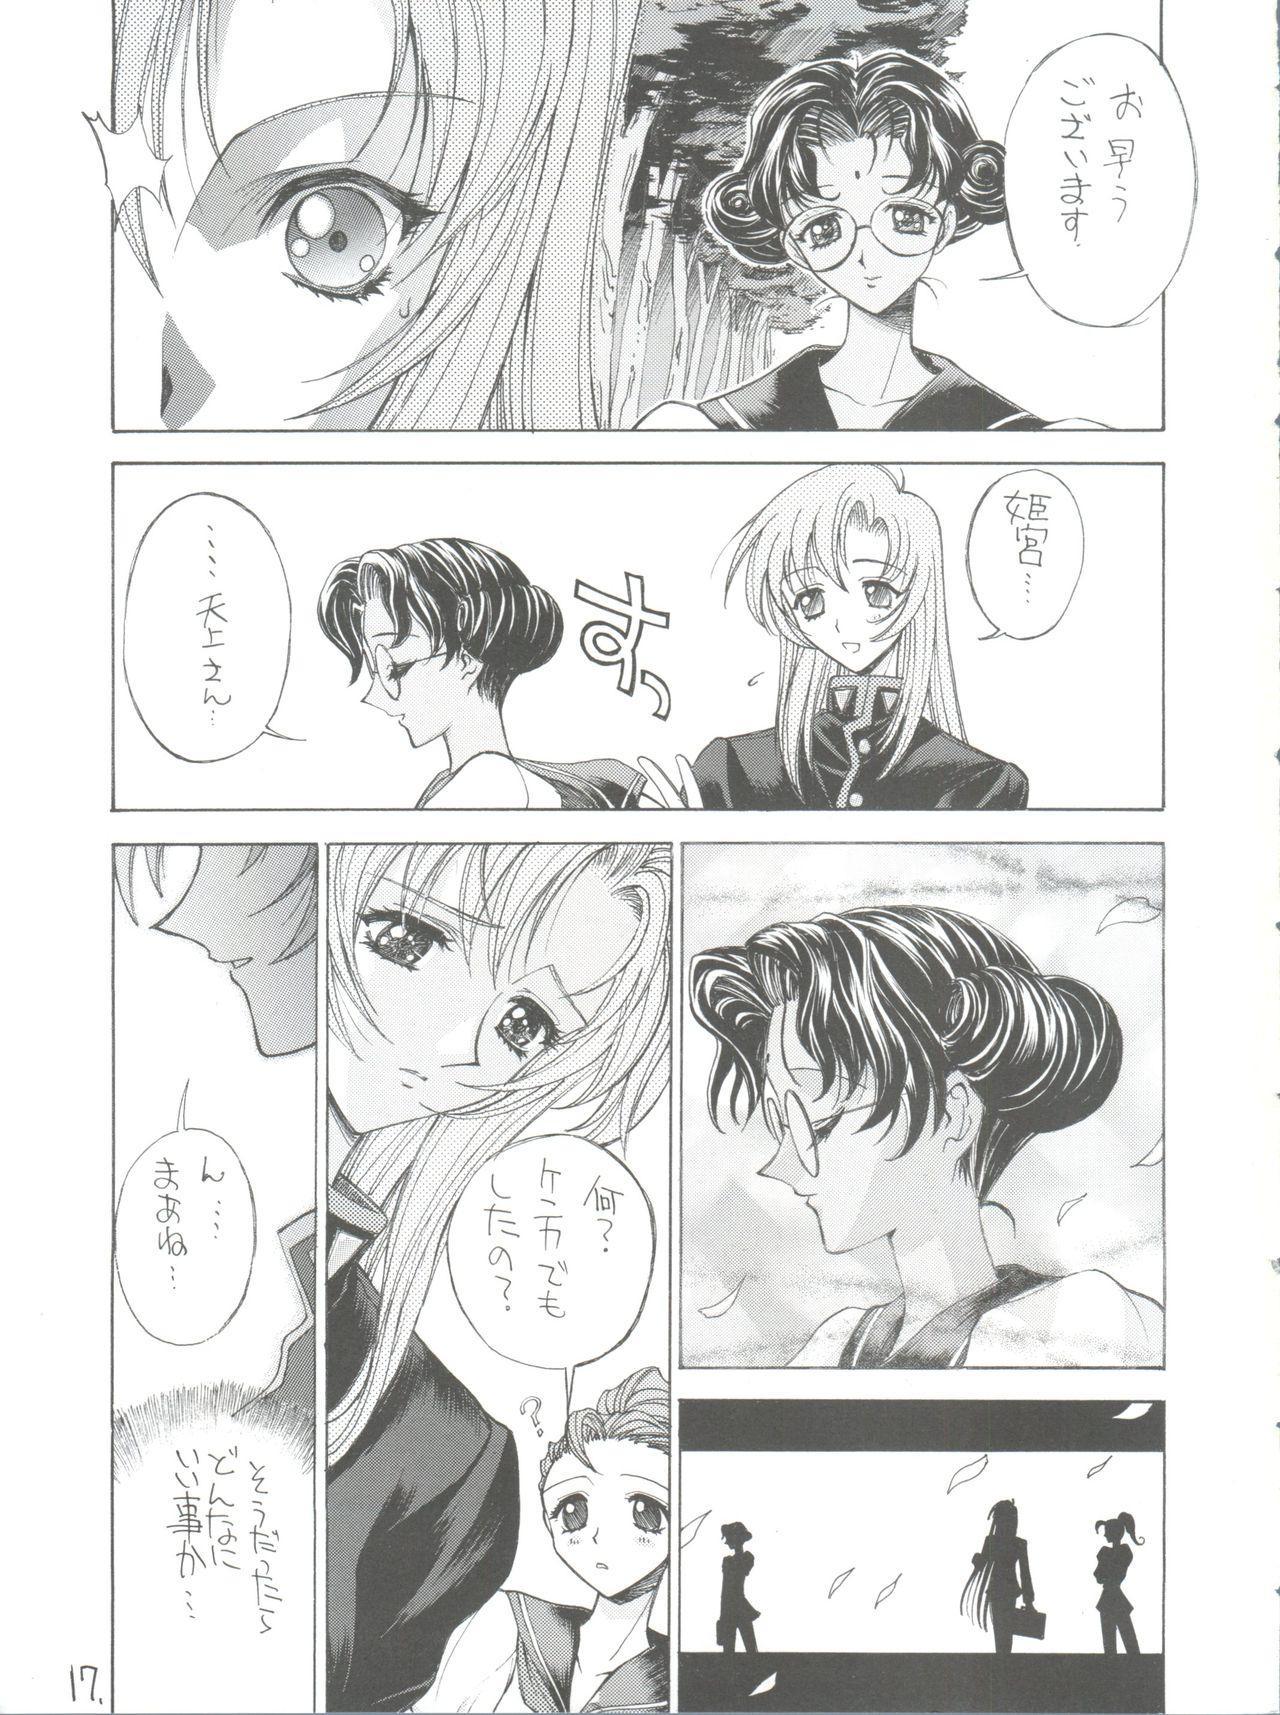 Shinku no Shounen Densetsu 15